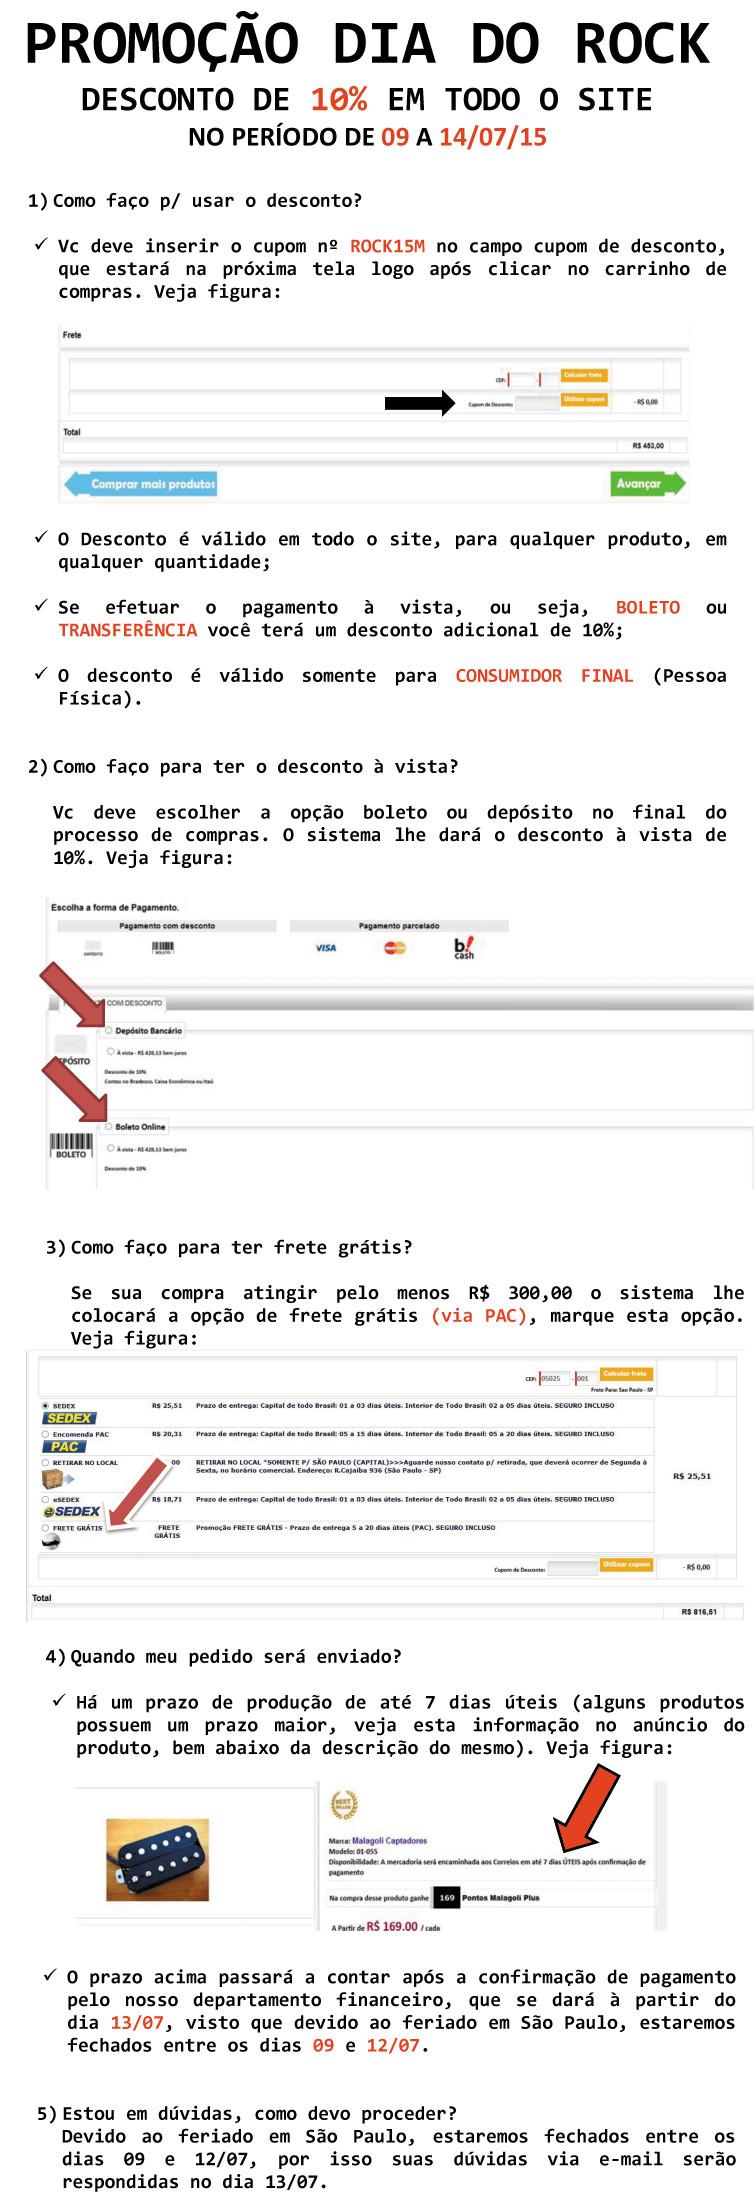 PROMOÇÃO-DIA-DO-ROCK.jpg